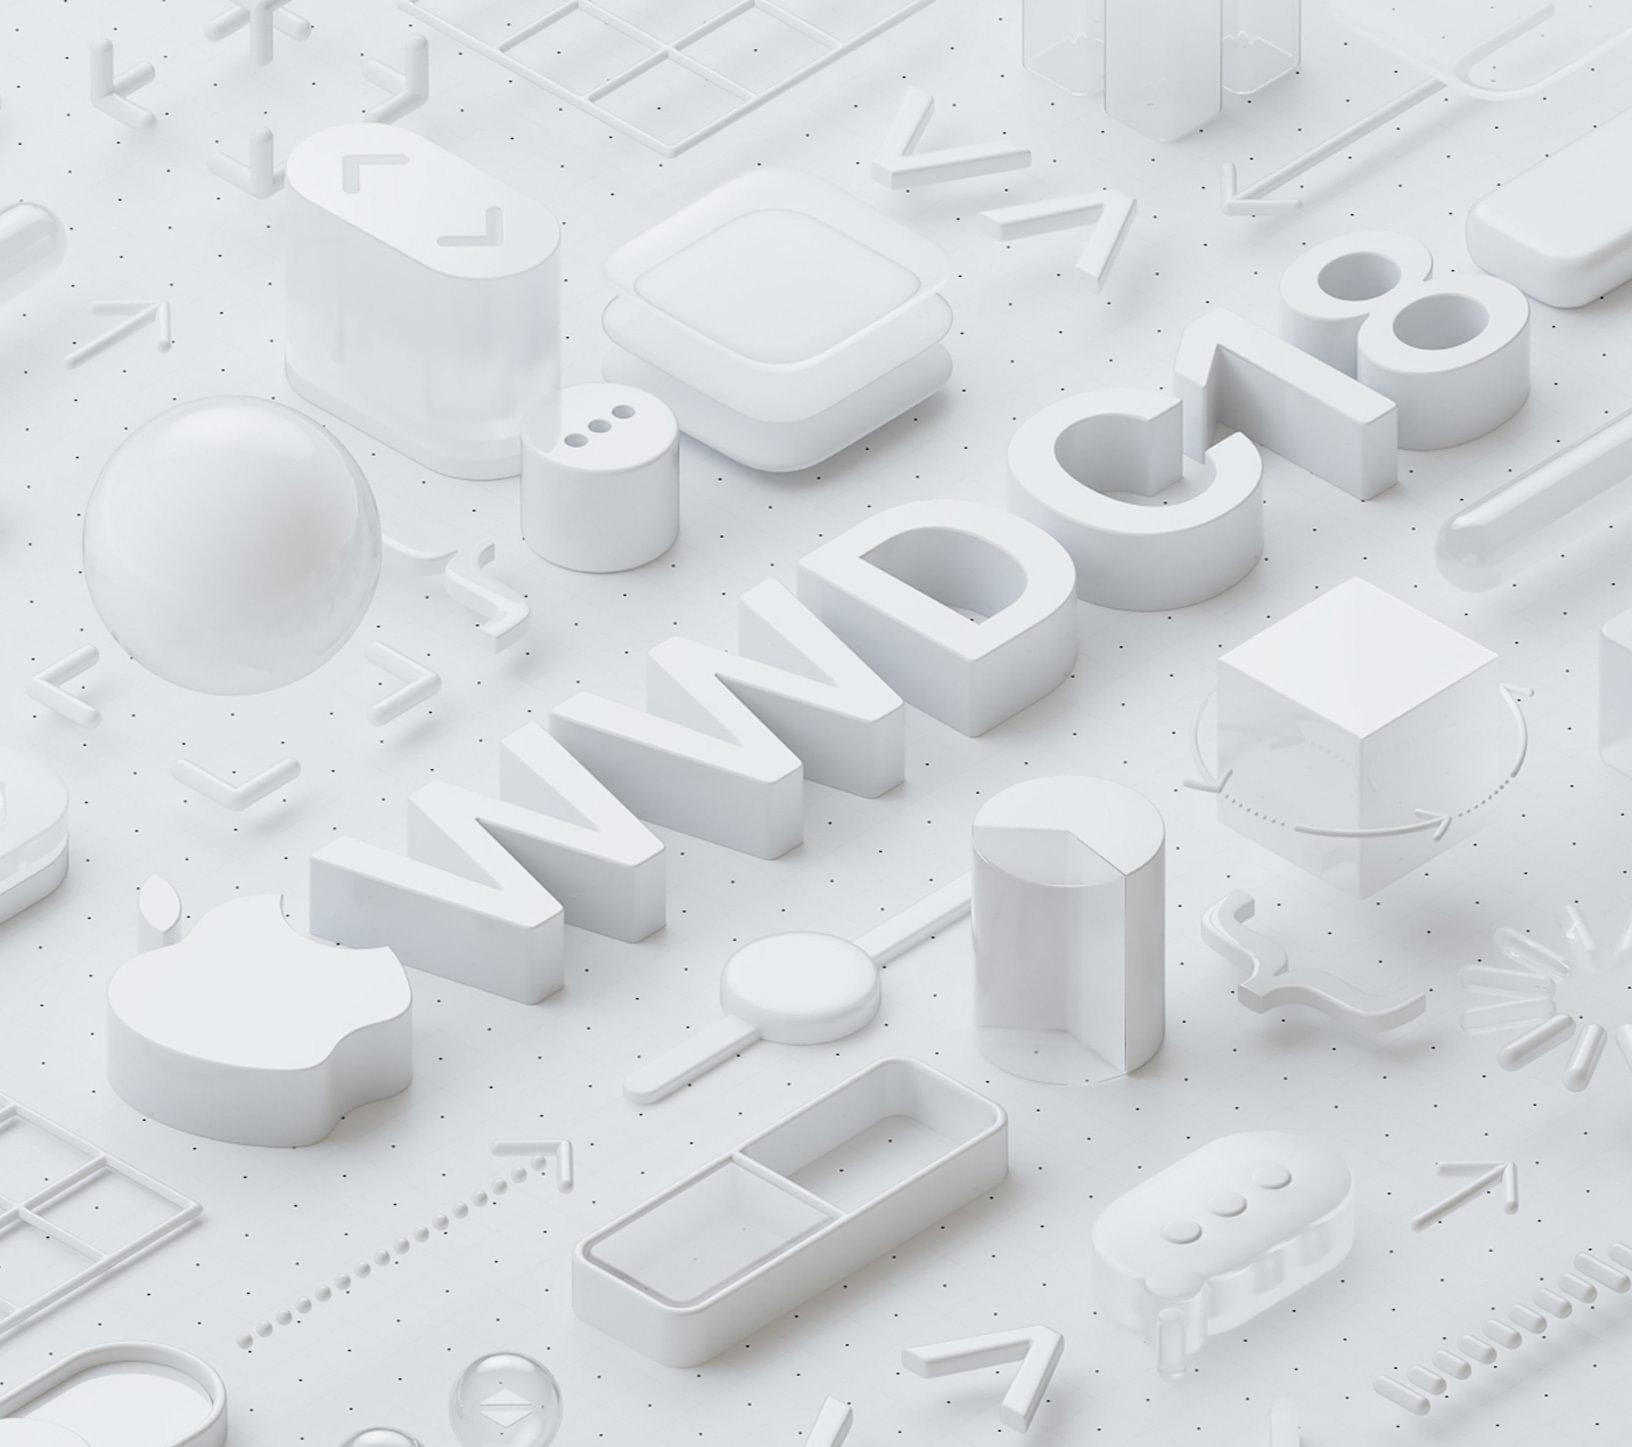 Czego możemy się spodziewać na WWDC 2018? 21